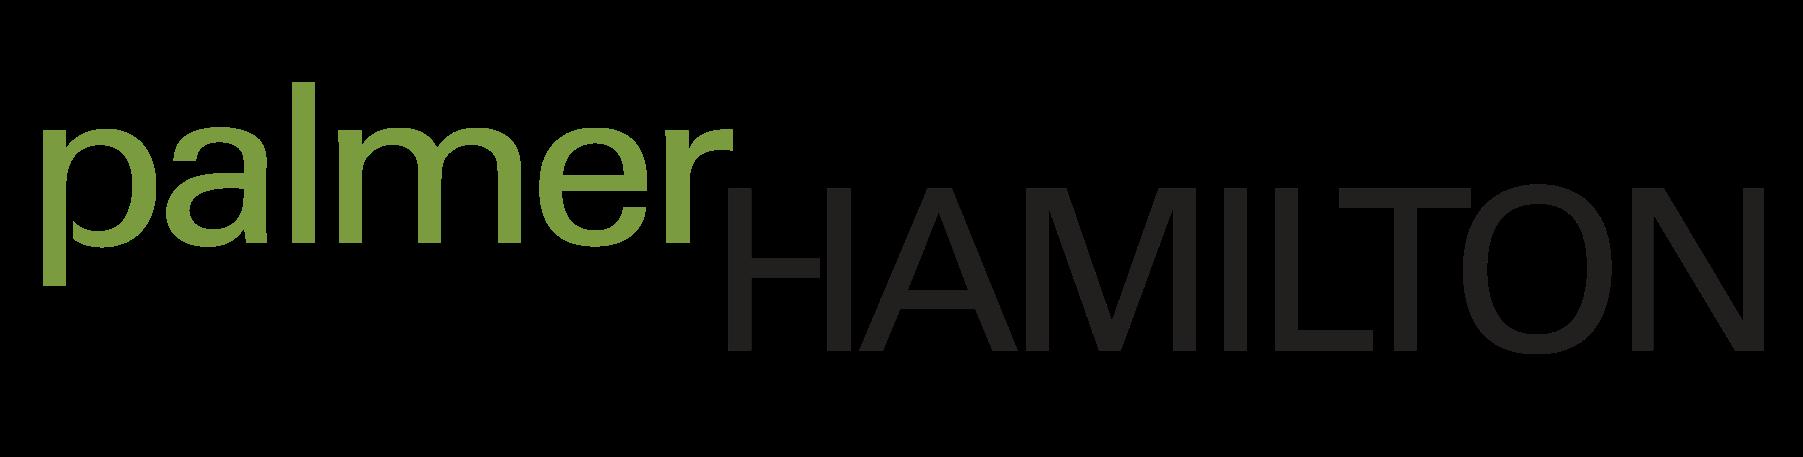 palmerHAMILTON logo